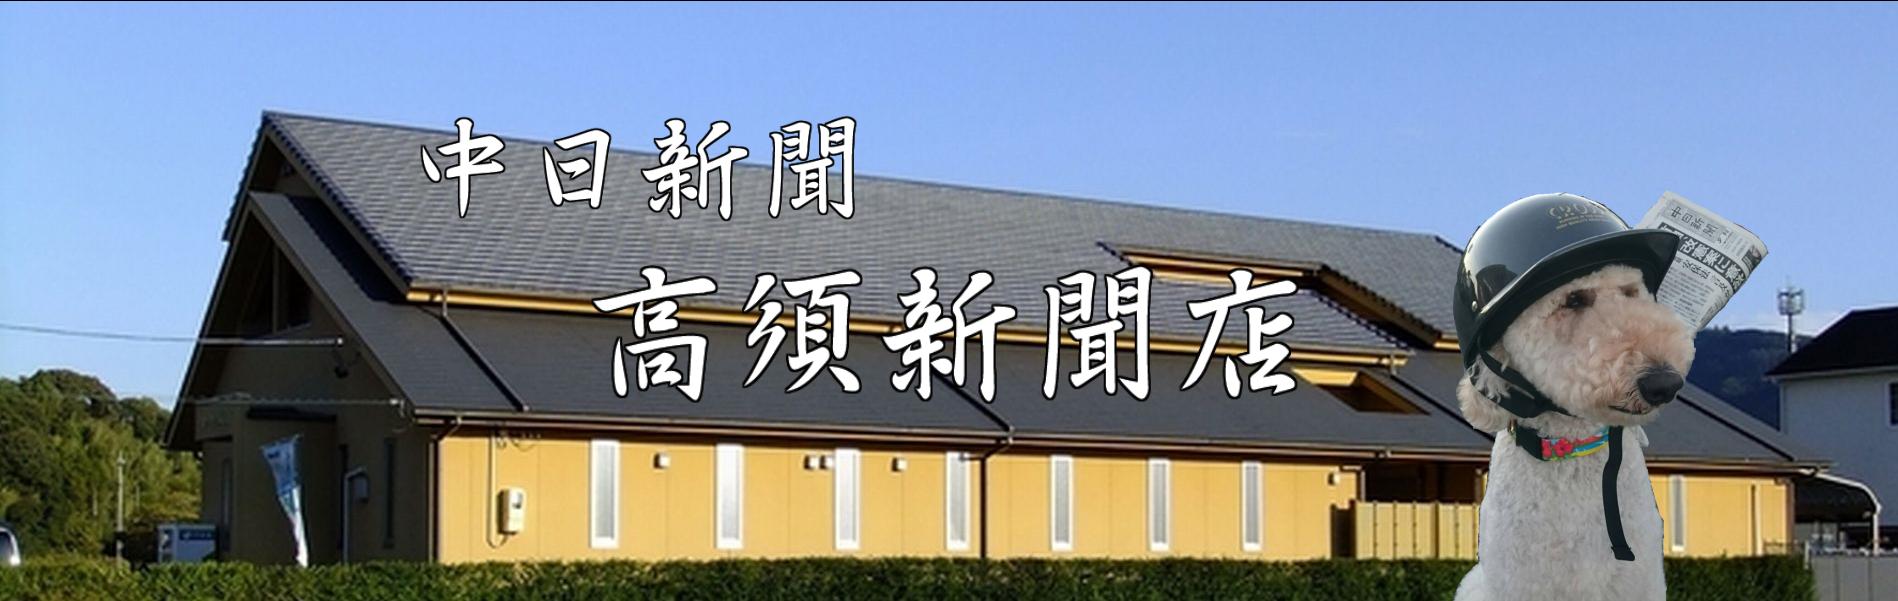 高須新聞店